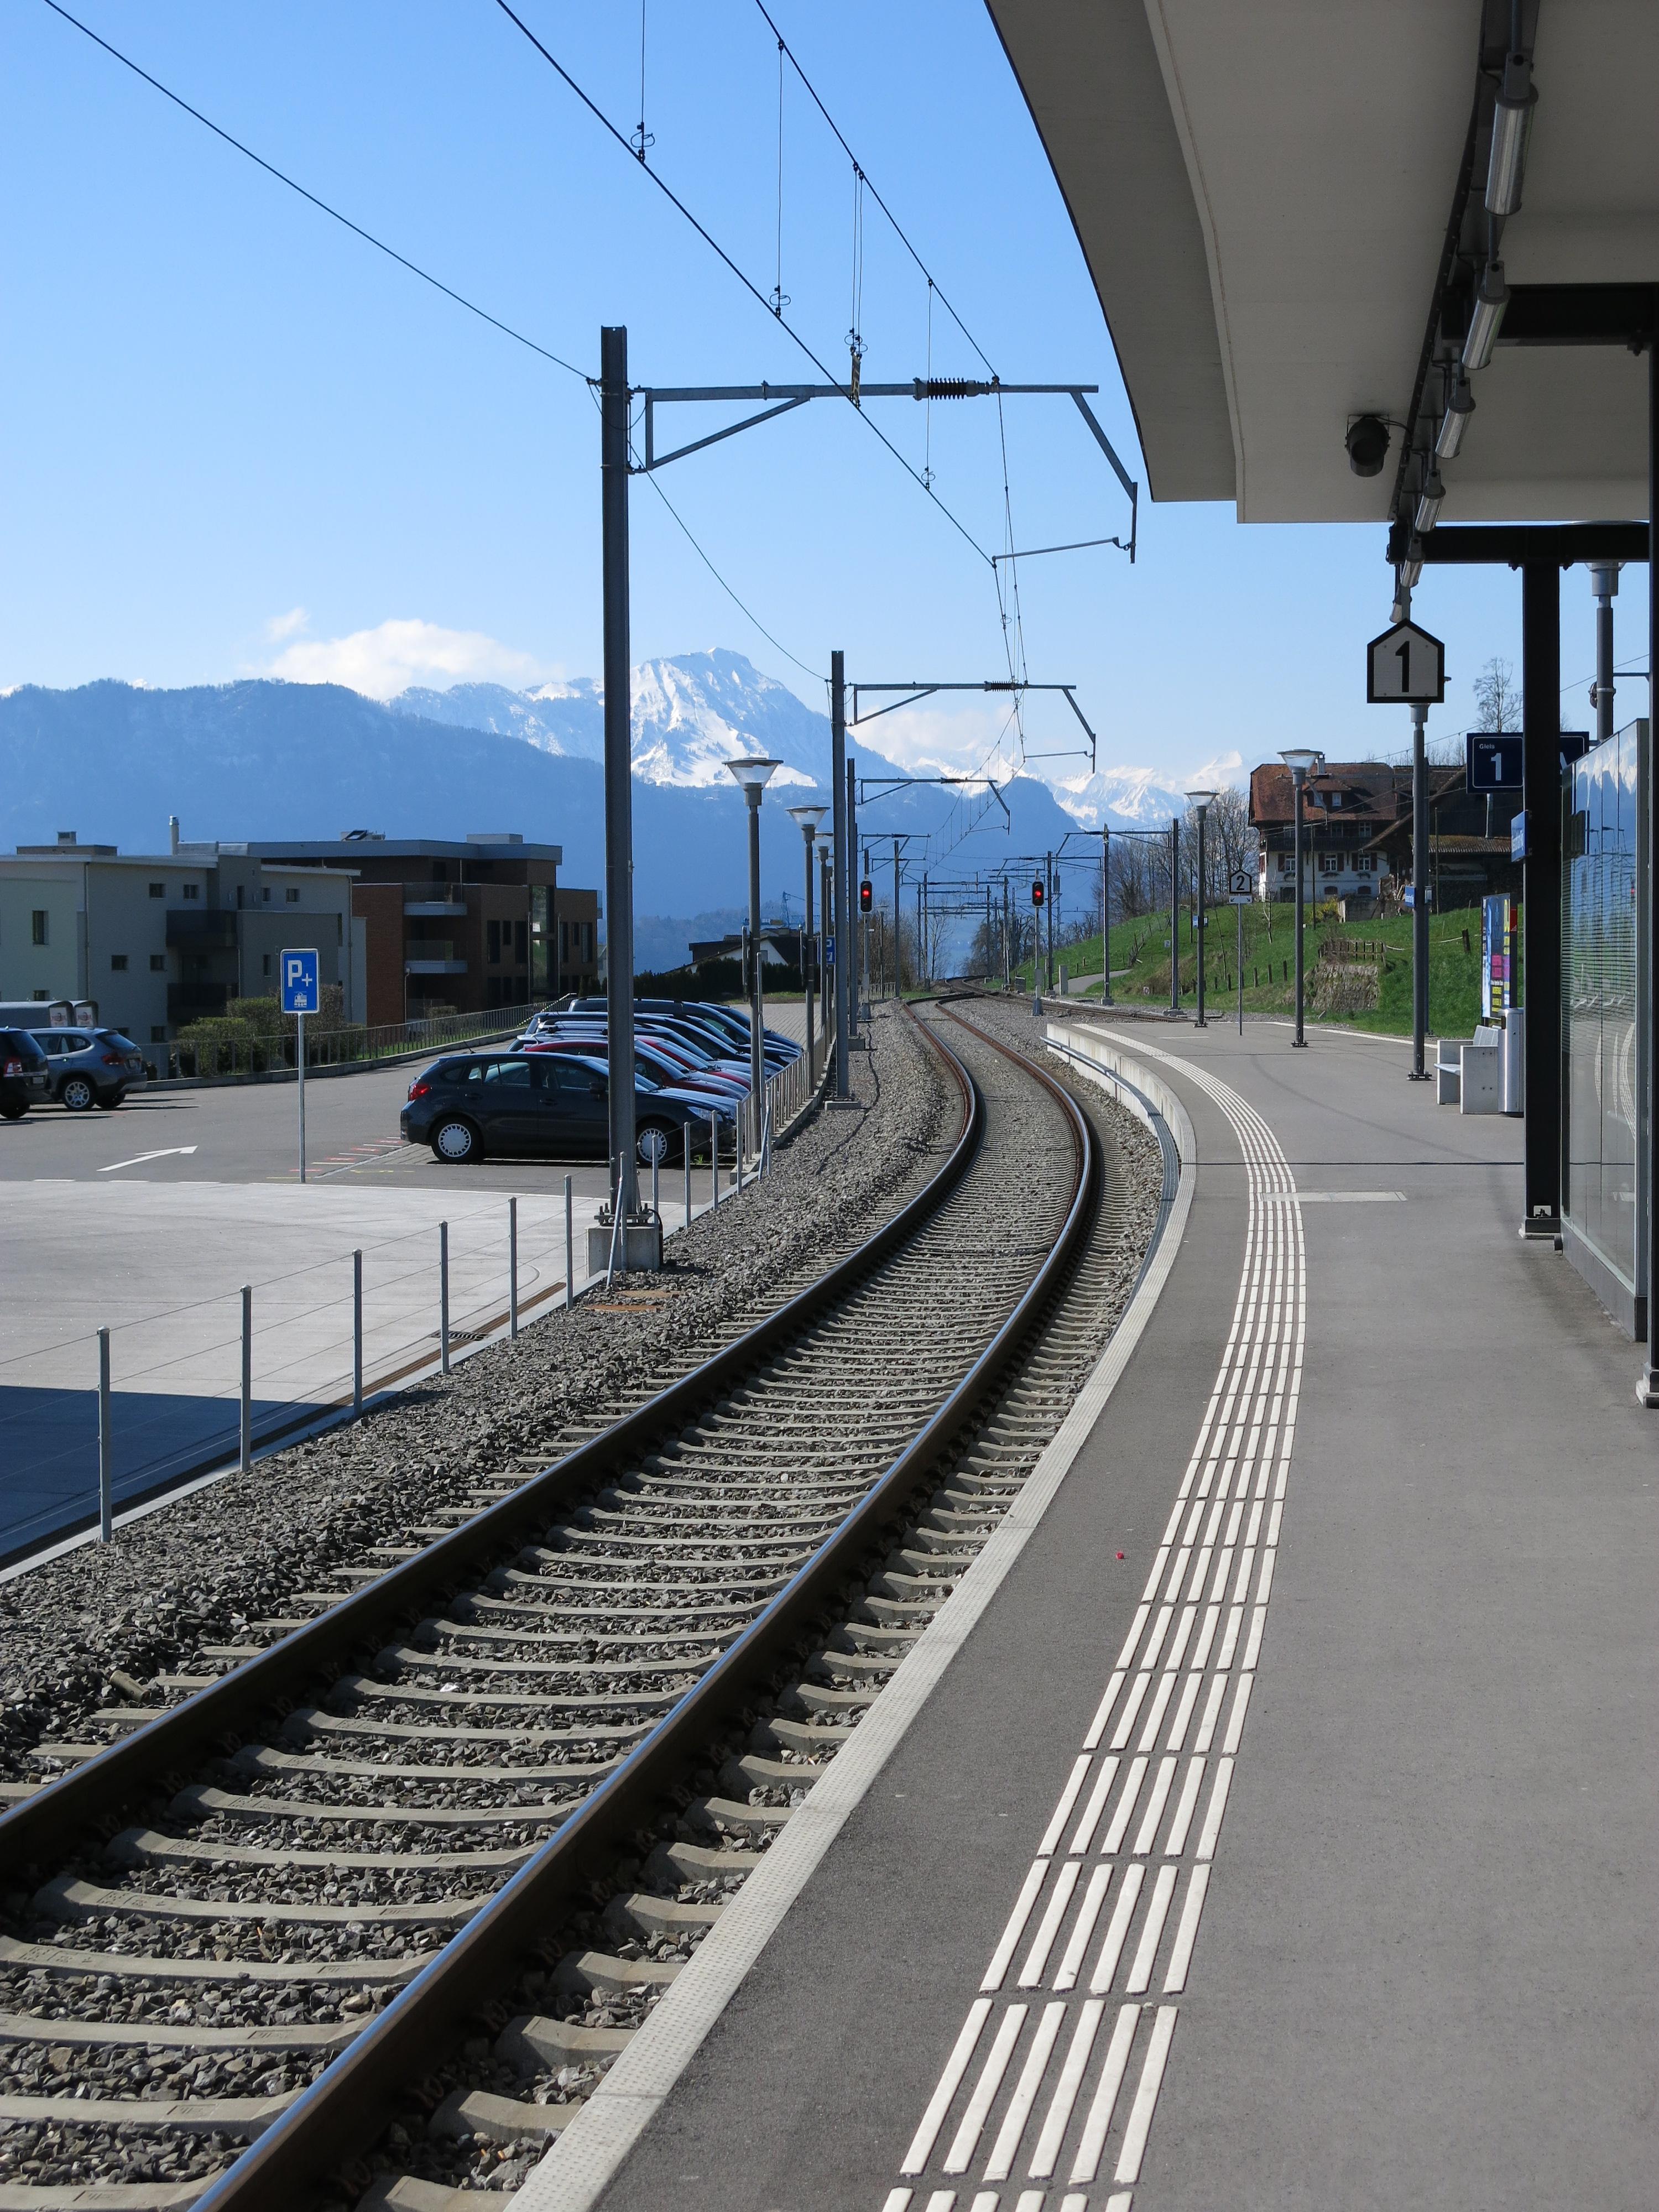 Sbb train station küssnacht am rigi, switzerland photo